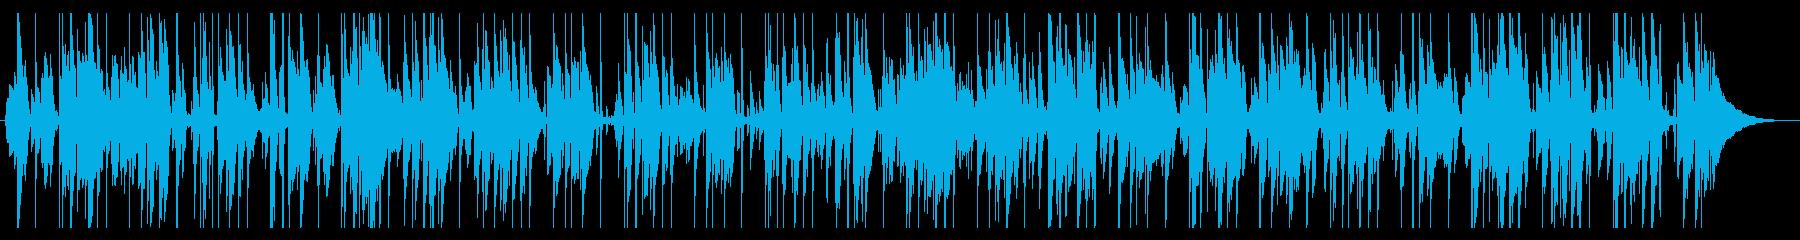 お洒落でクールなジャズピアノポップの再生済みの波形